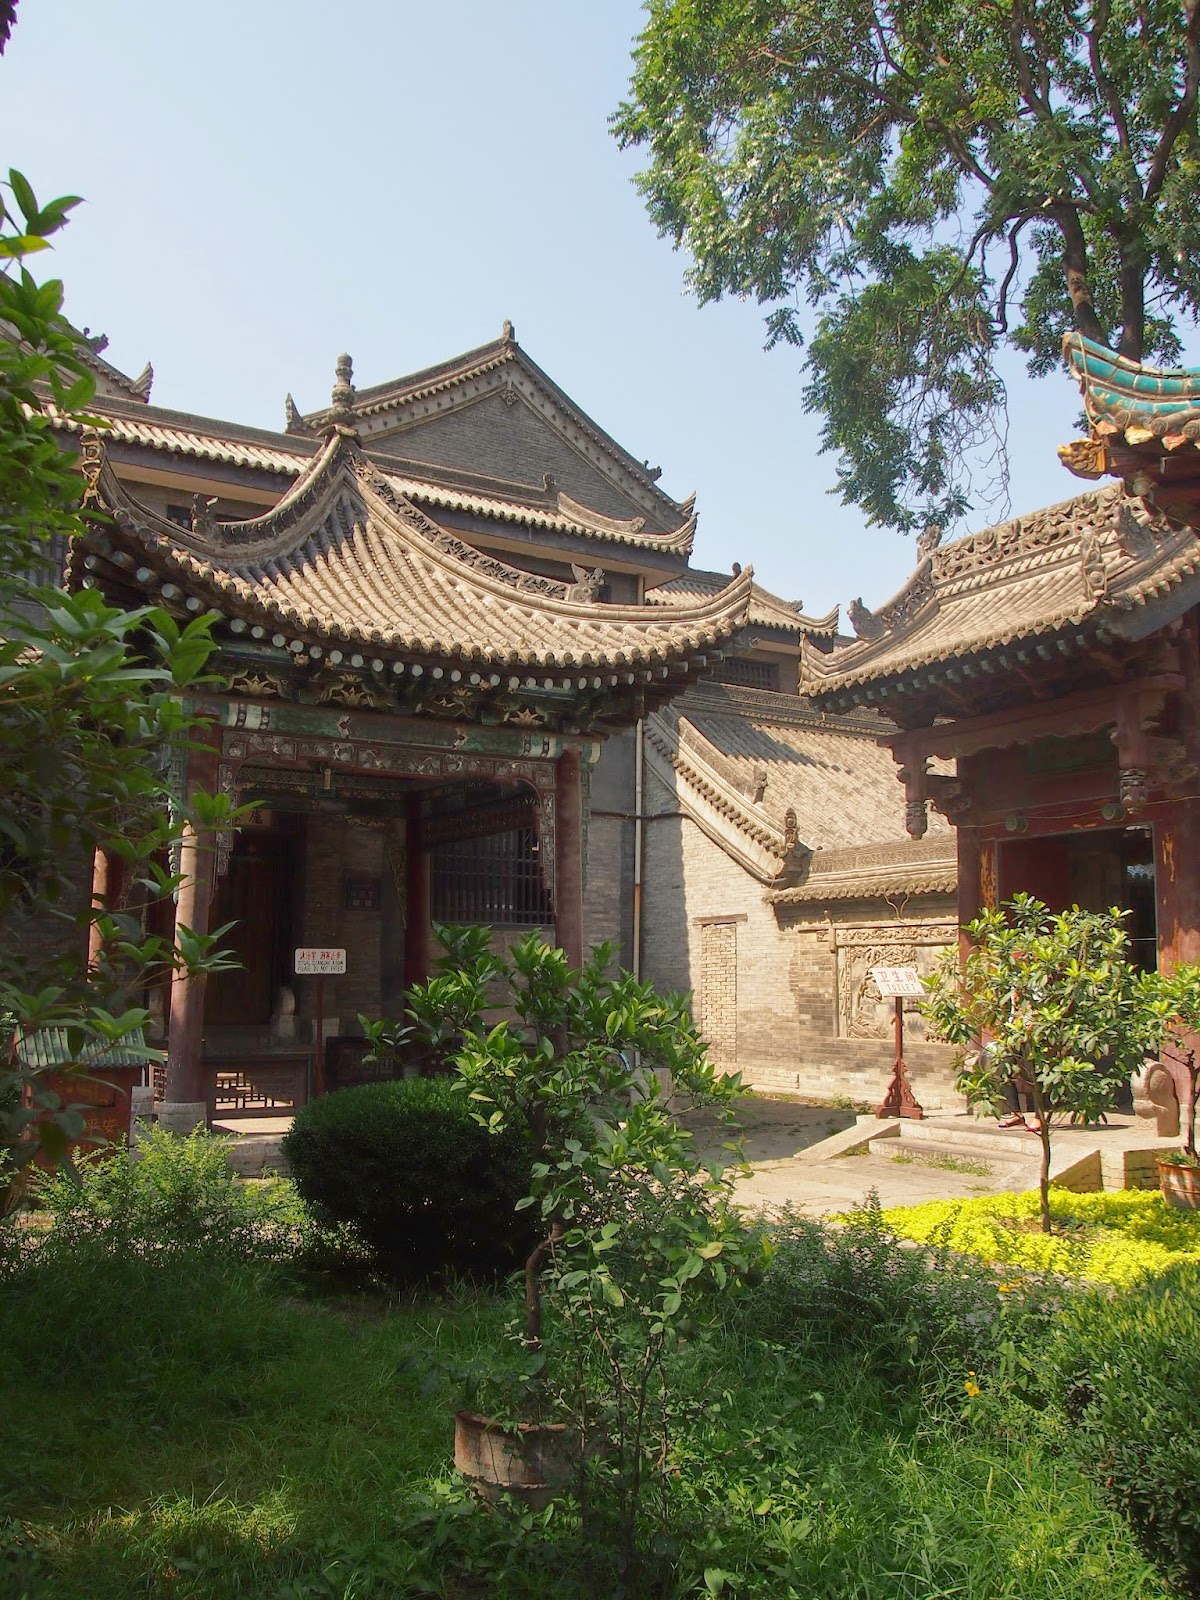 Gardens in Xi'an, China